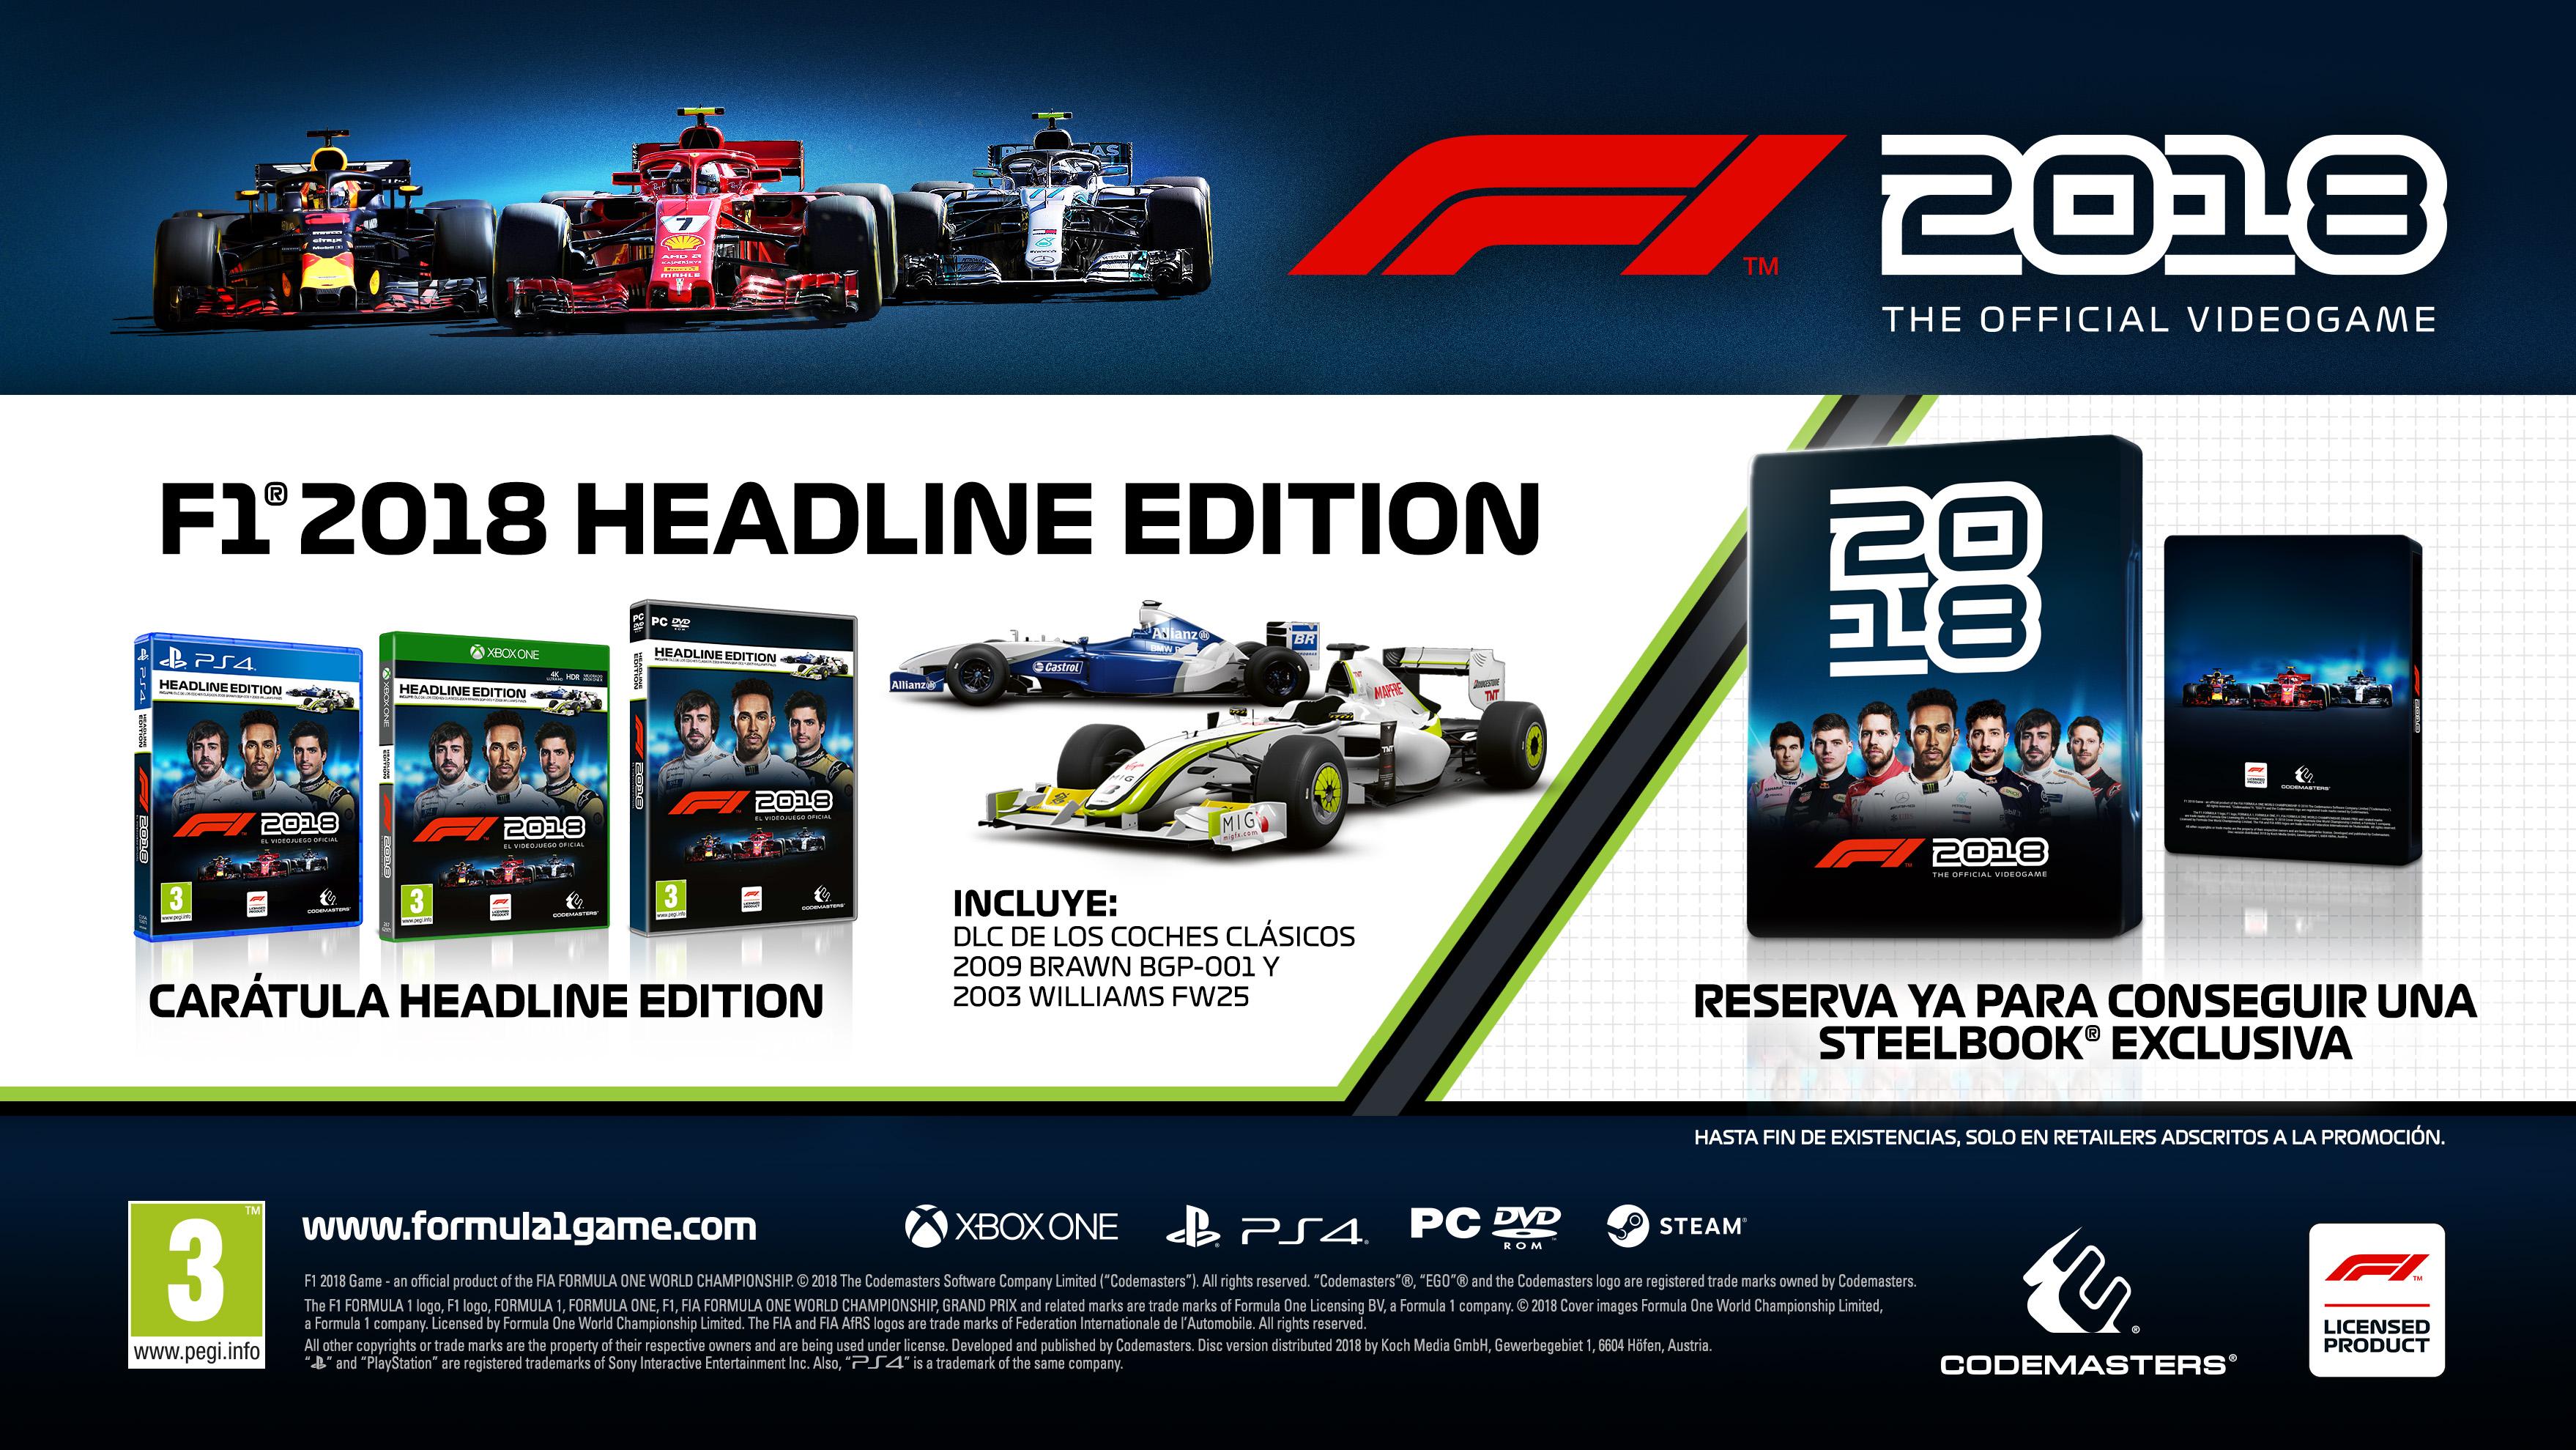 Desvelada la carátula oficial y primeras capturas de F1 2018